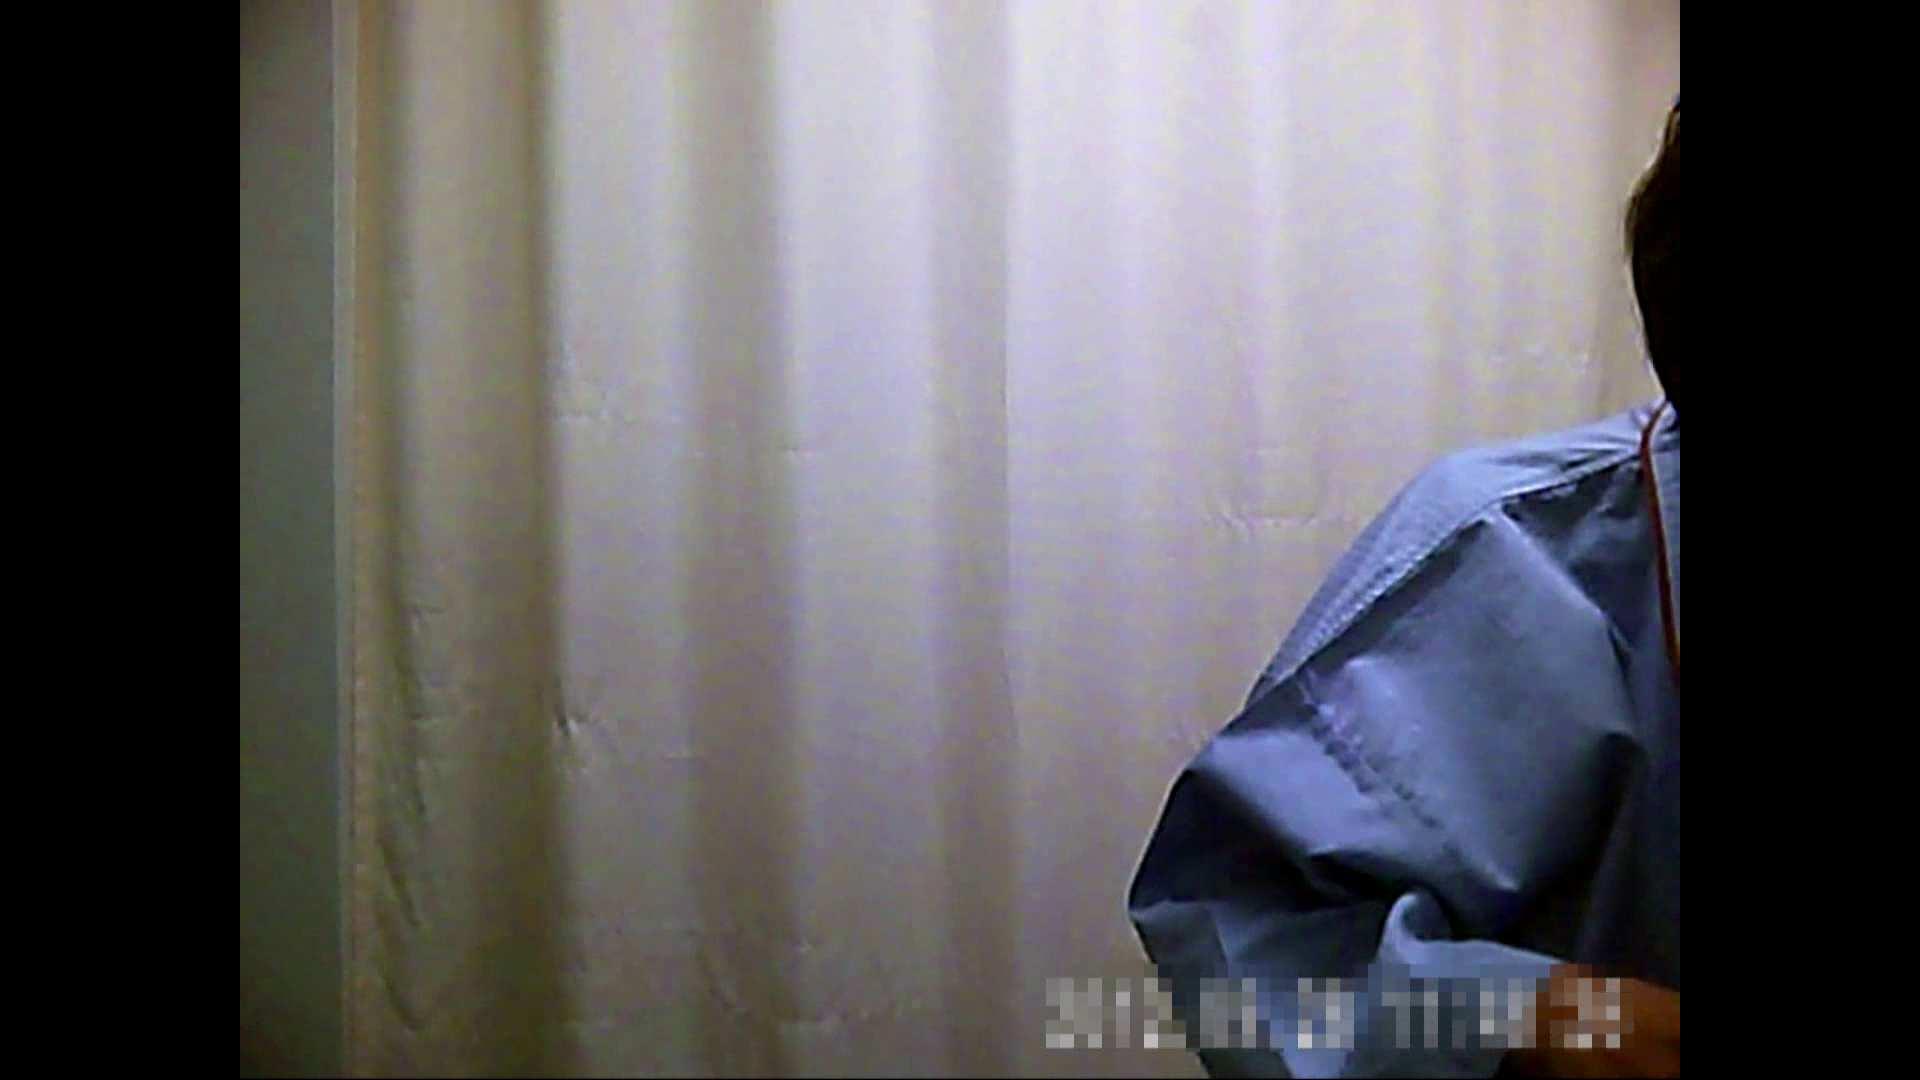 元医者による反抗 更衣室地獄絵巻 vol.072 OLハメ撮り  68Pix 2